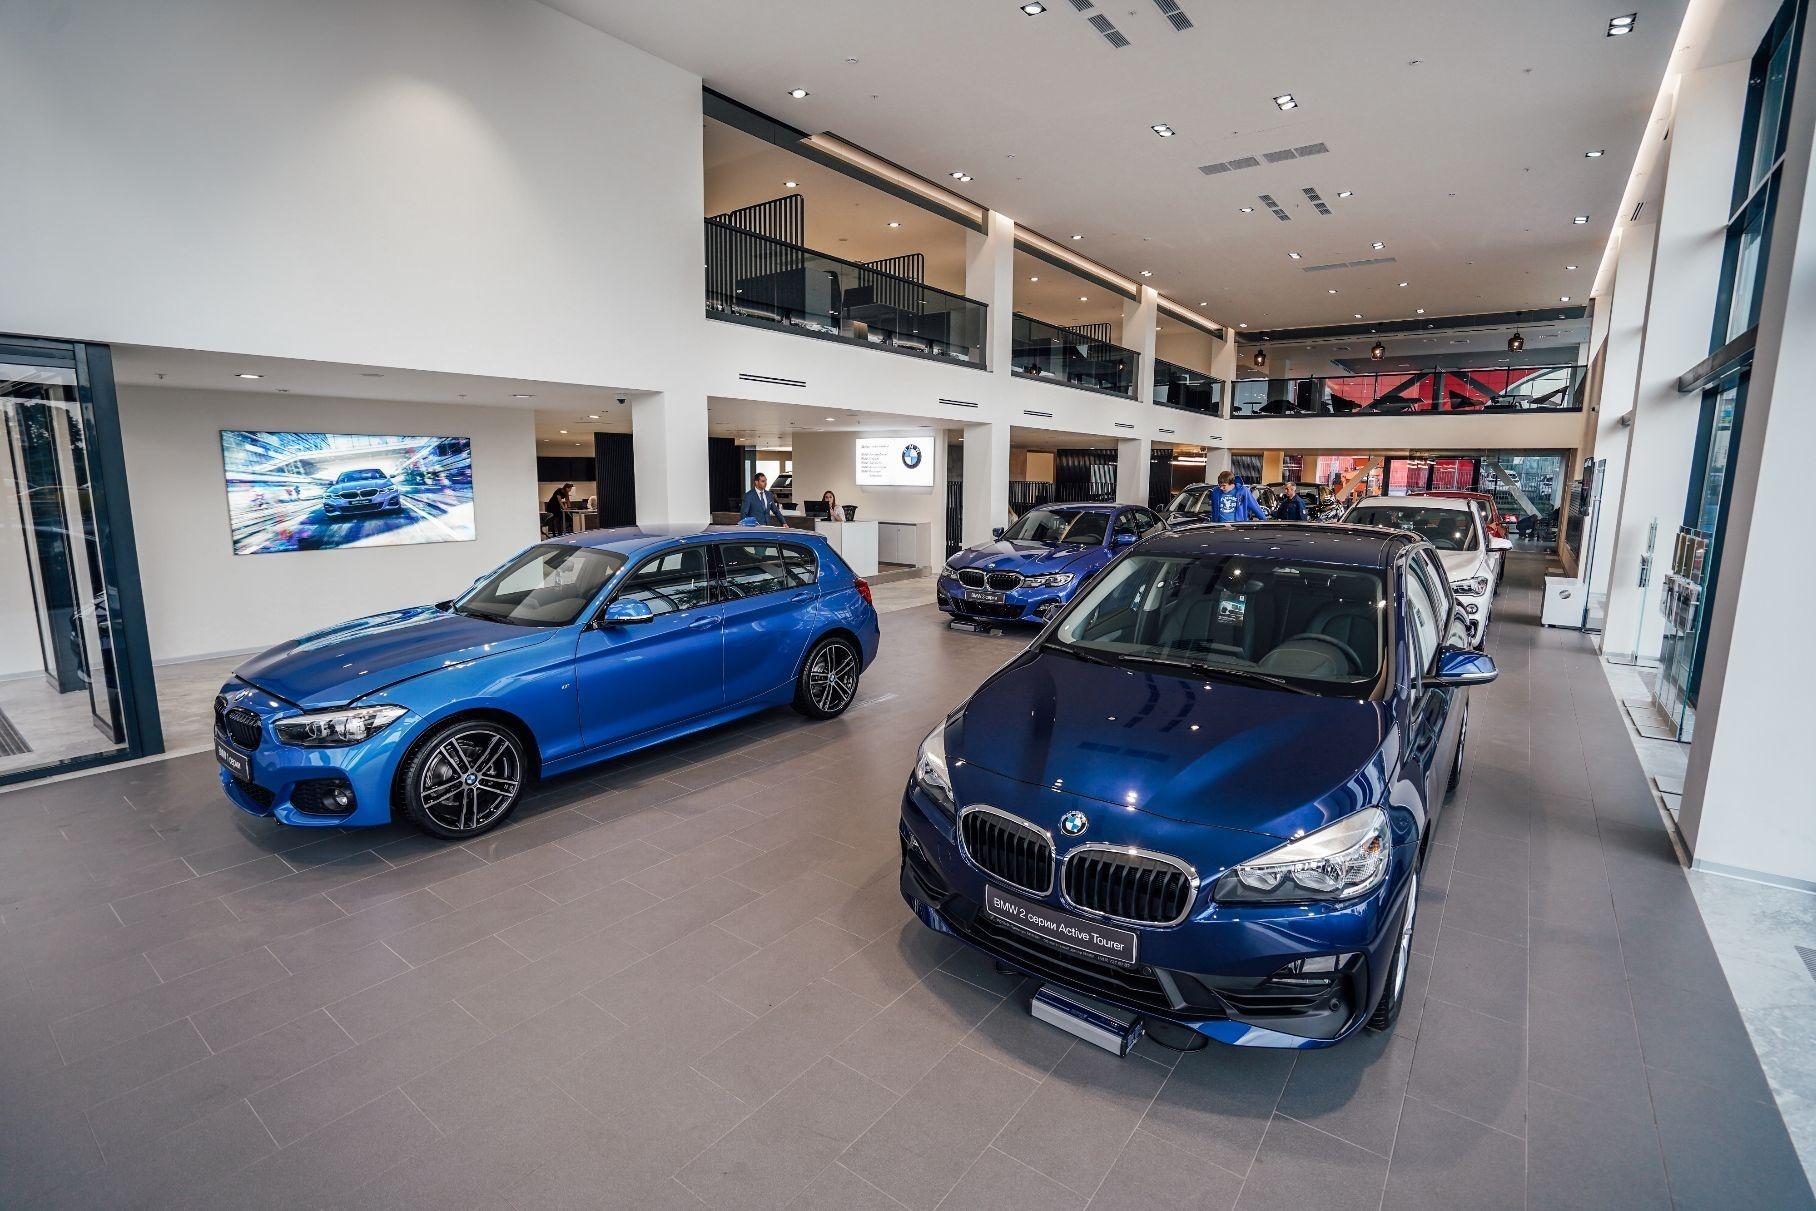 Встречайте новинку - BMW Х4 в автосалонах города Москвы